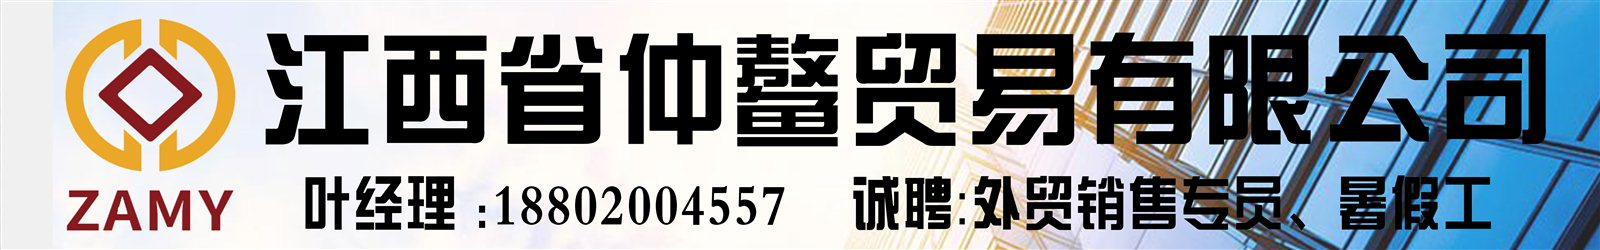 江西省仲��Q易有限公司